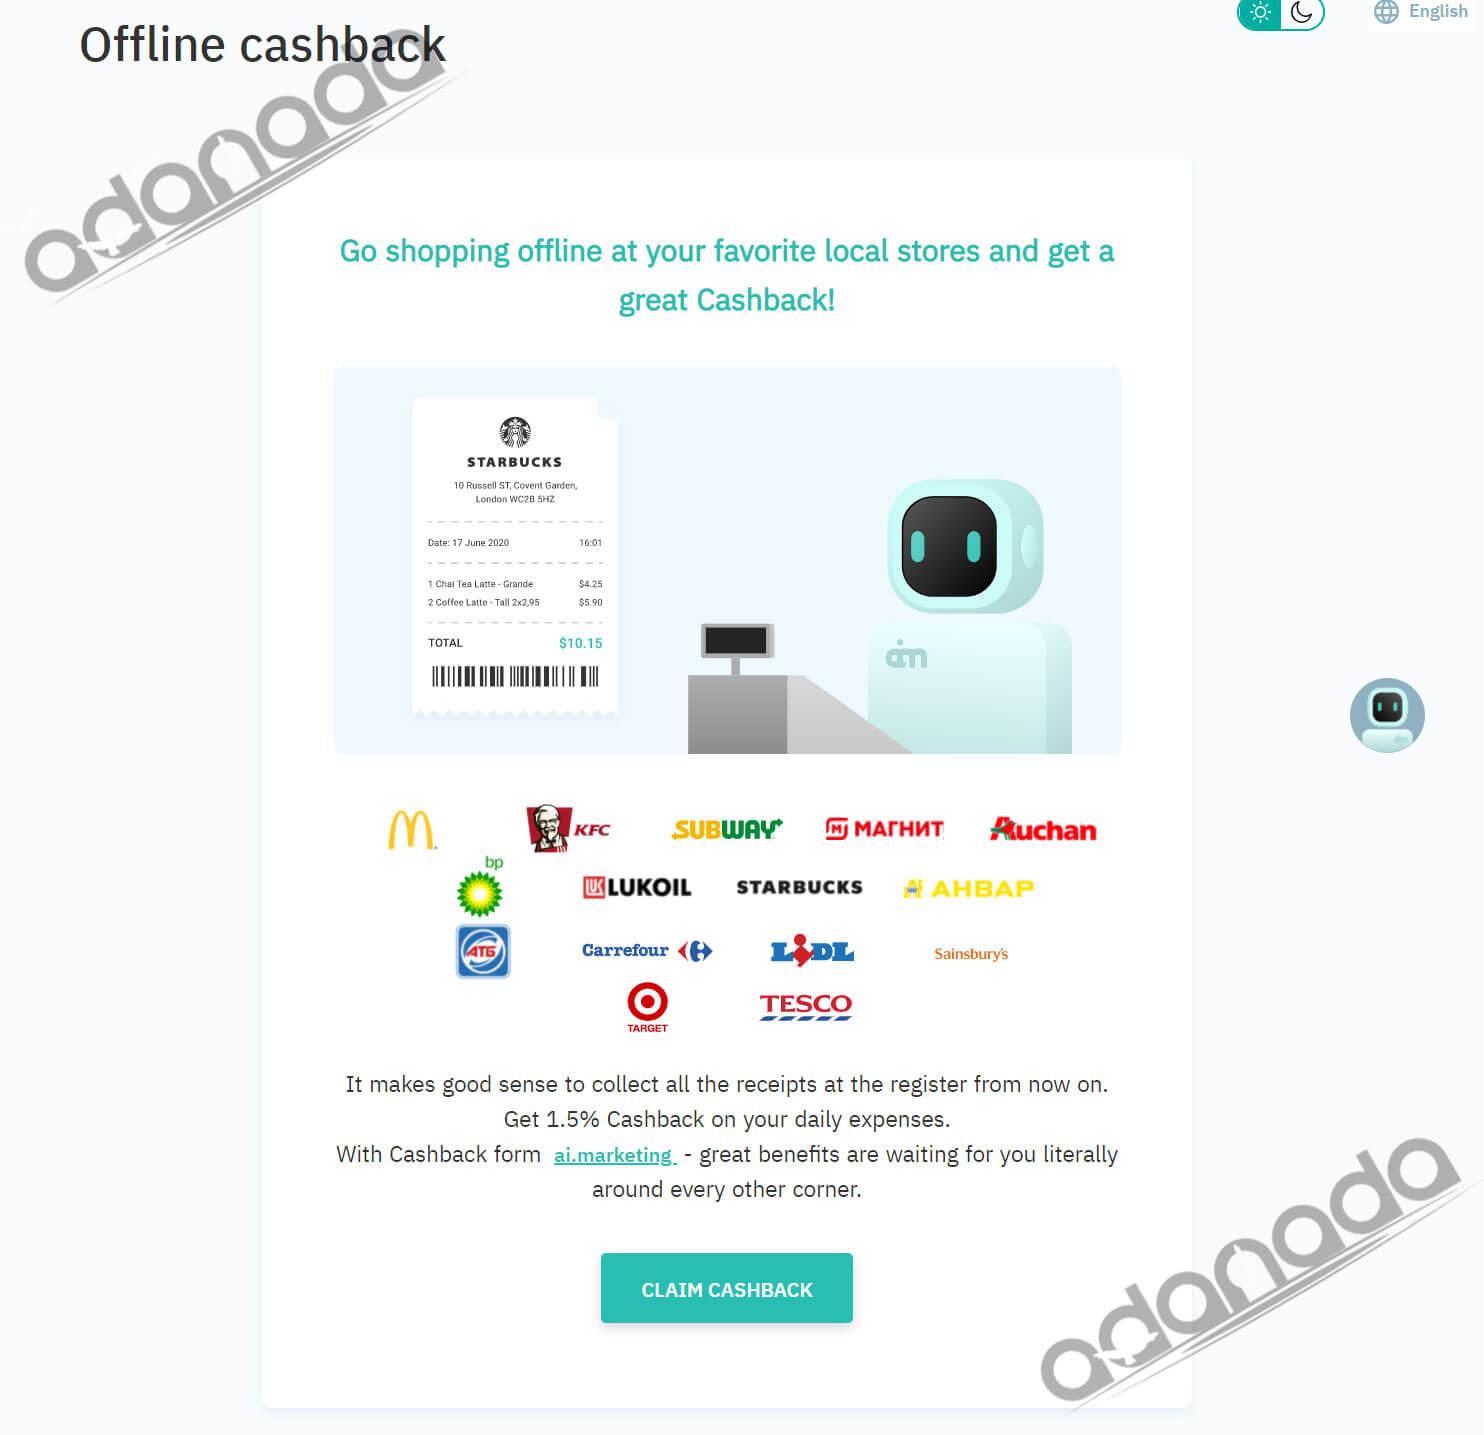 ai.marketing ile para kazanma - Site Menüsü